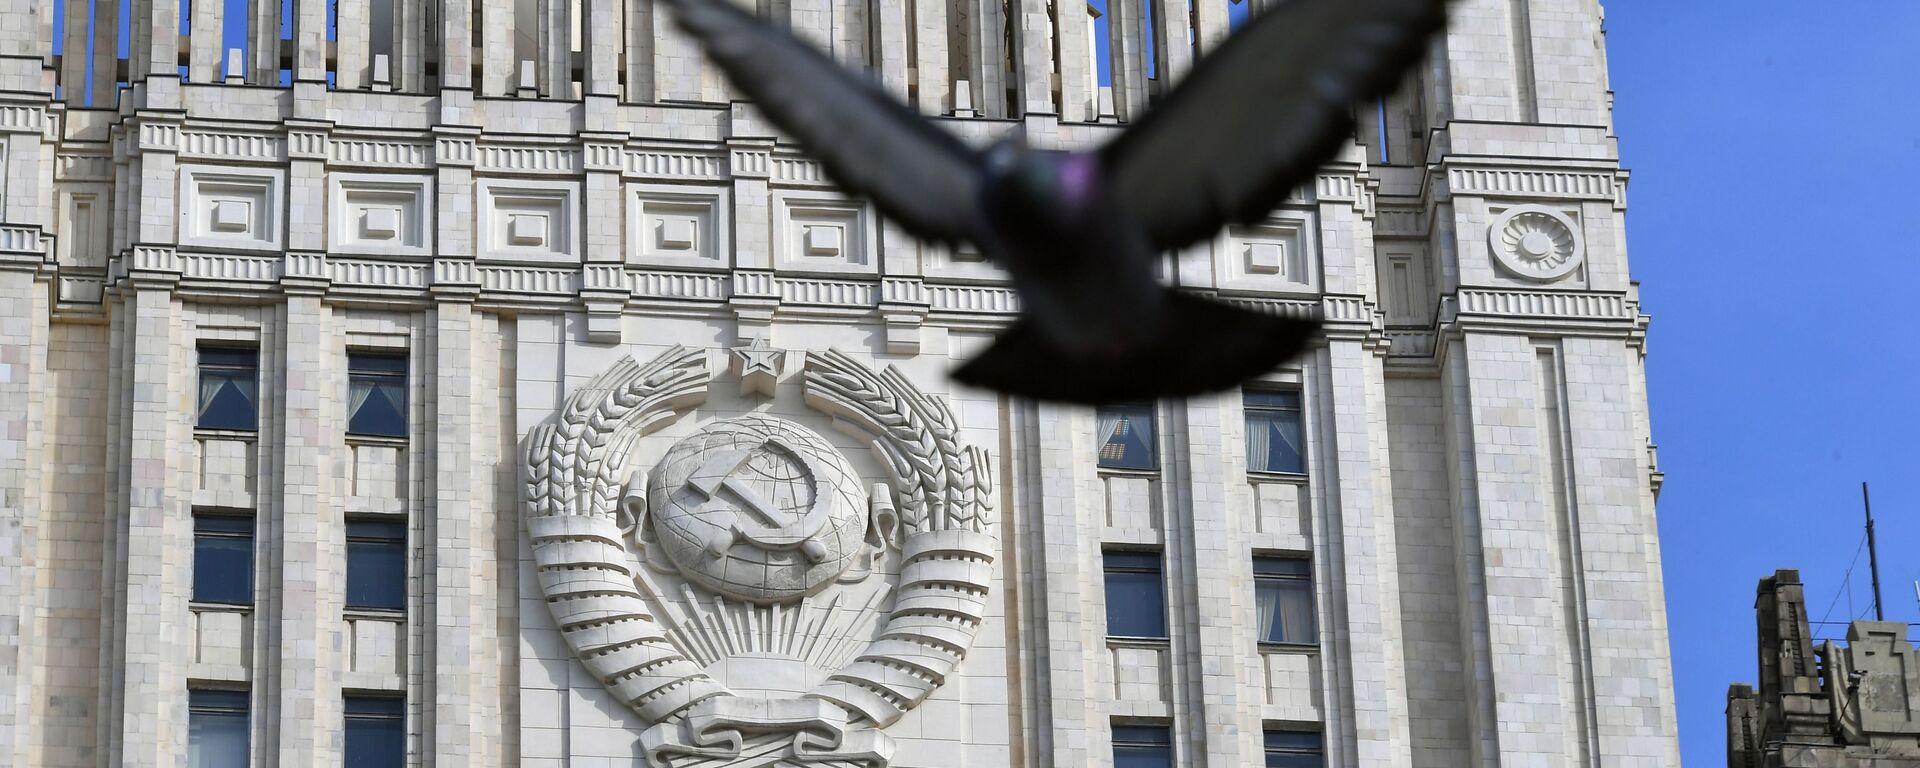 El Ministerio de Asuntos Exteriores de Rusia - Sputnik Mundo, 1920, 10.06.2021